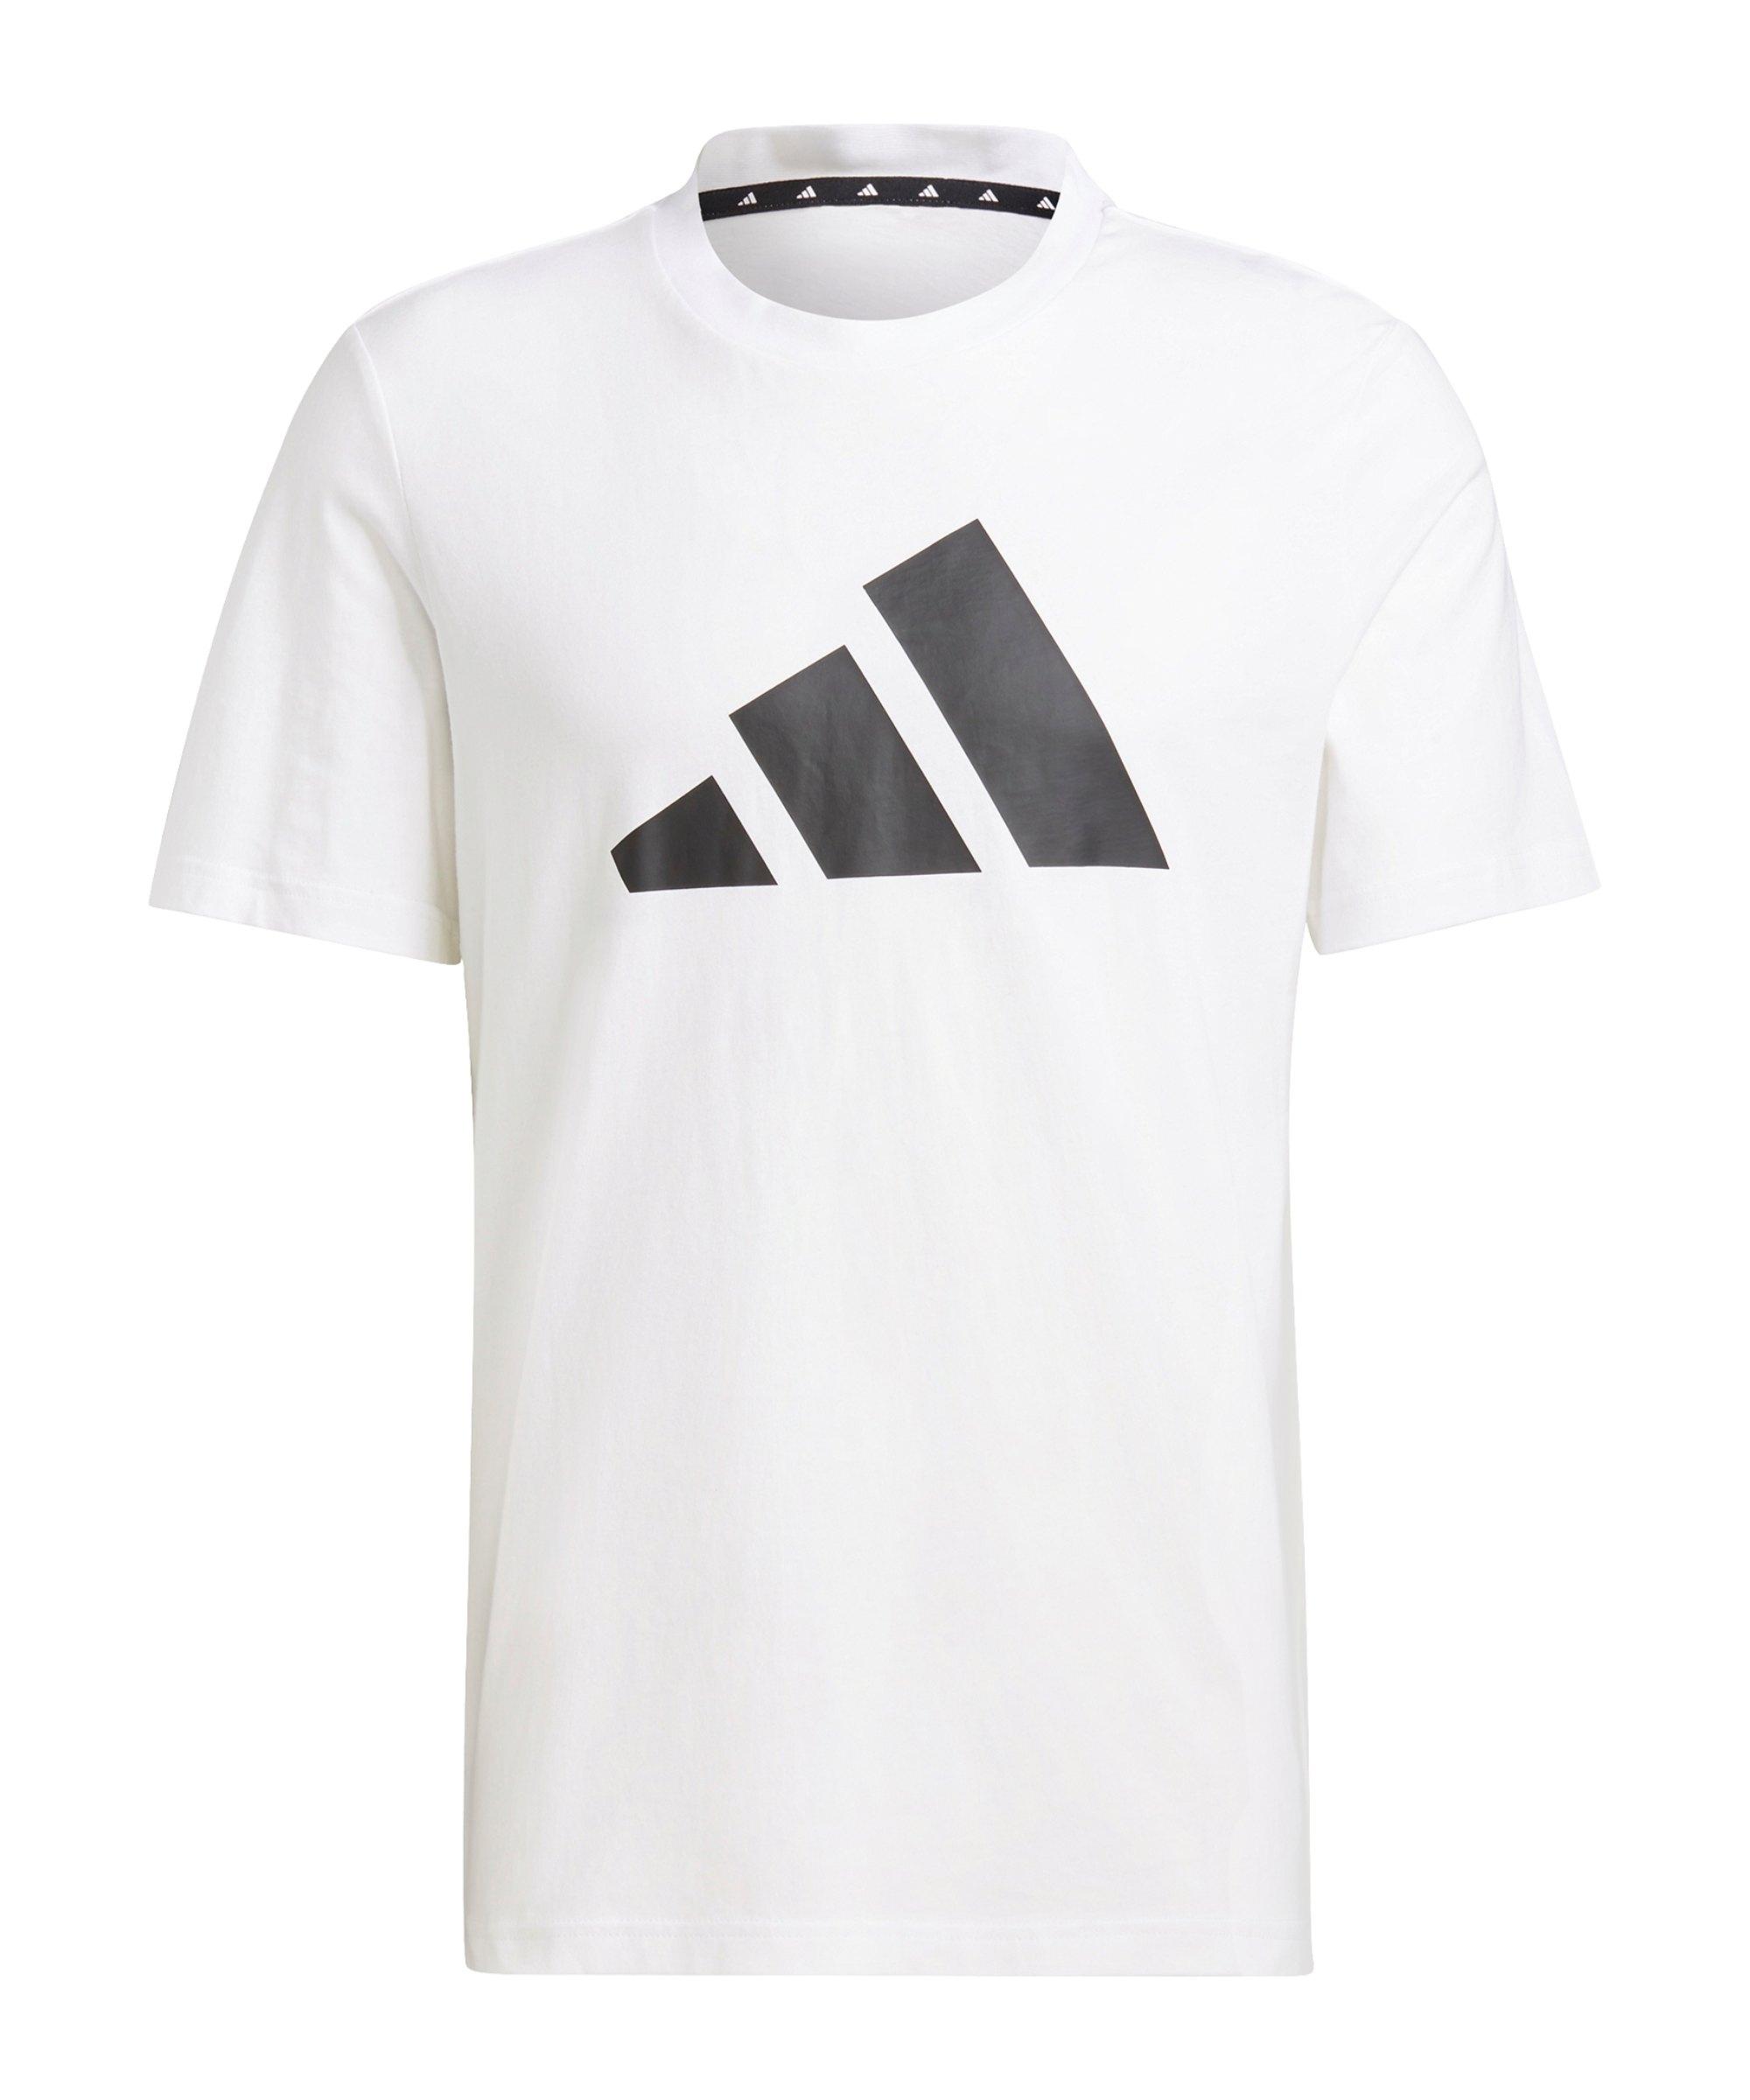 adidas BOS T-Shirt Weiss Schwarz - weiss